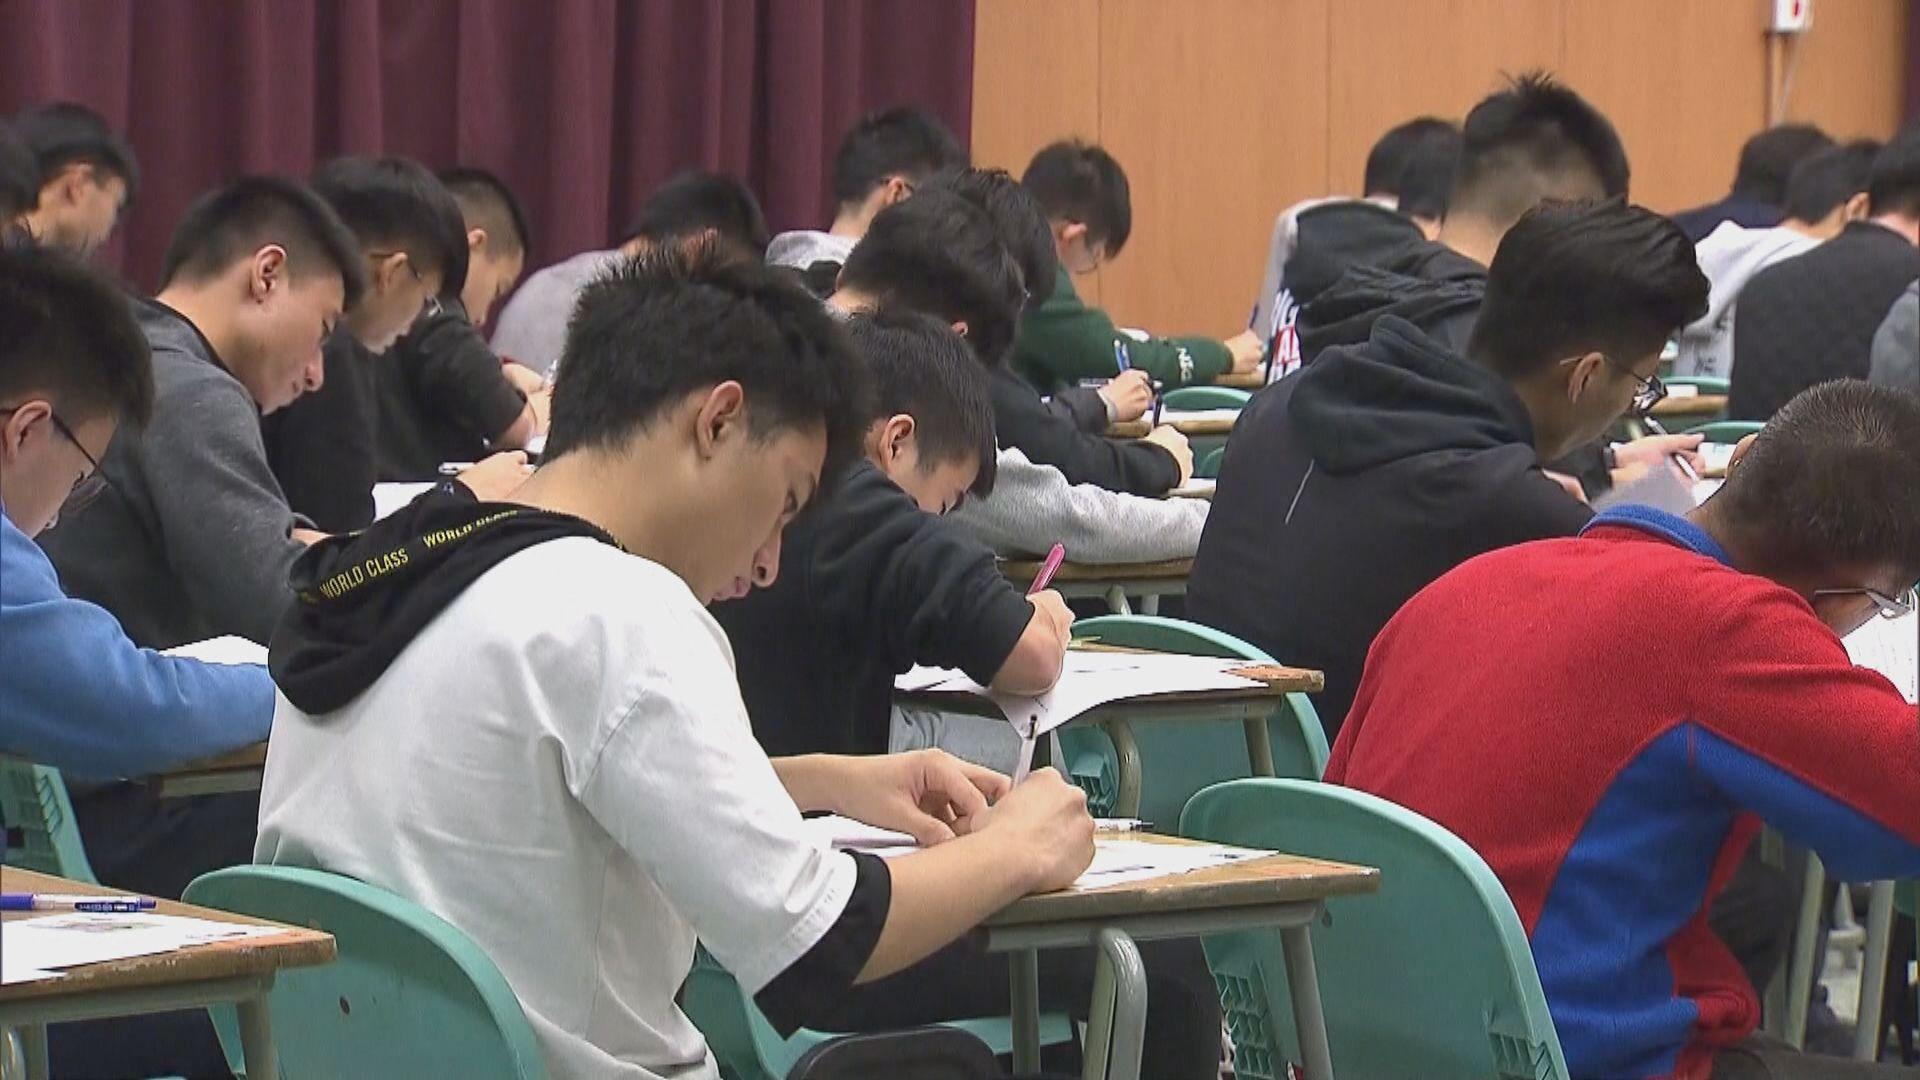 文憑試筆試如期開考 考生將獲發口罩應試